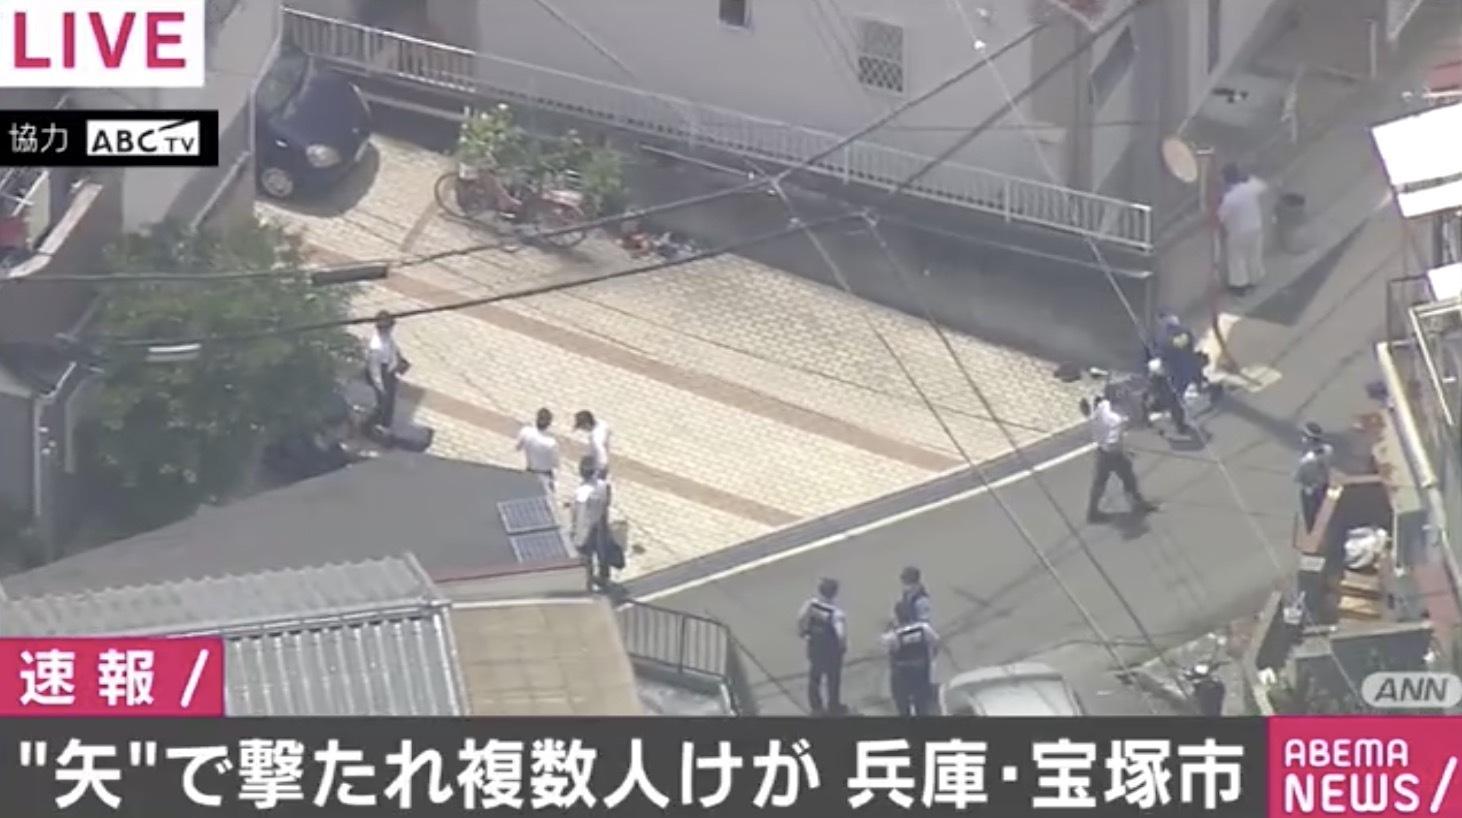 日本女子头部中箭 其侄子涉嫌用弓射杀多名亲属被捕